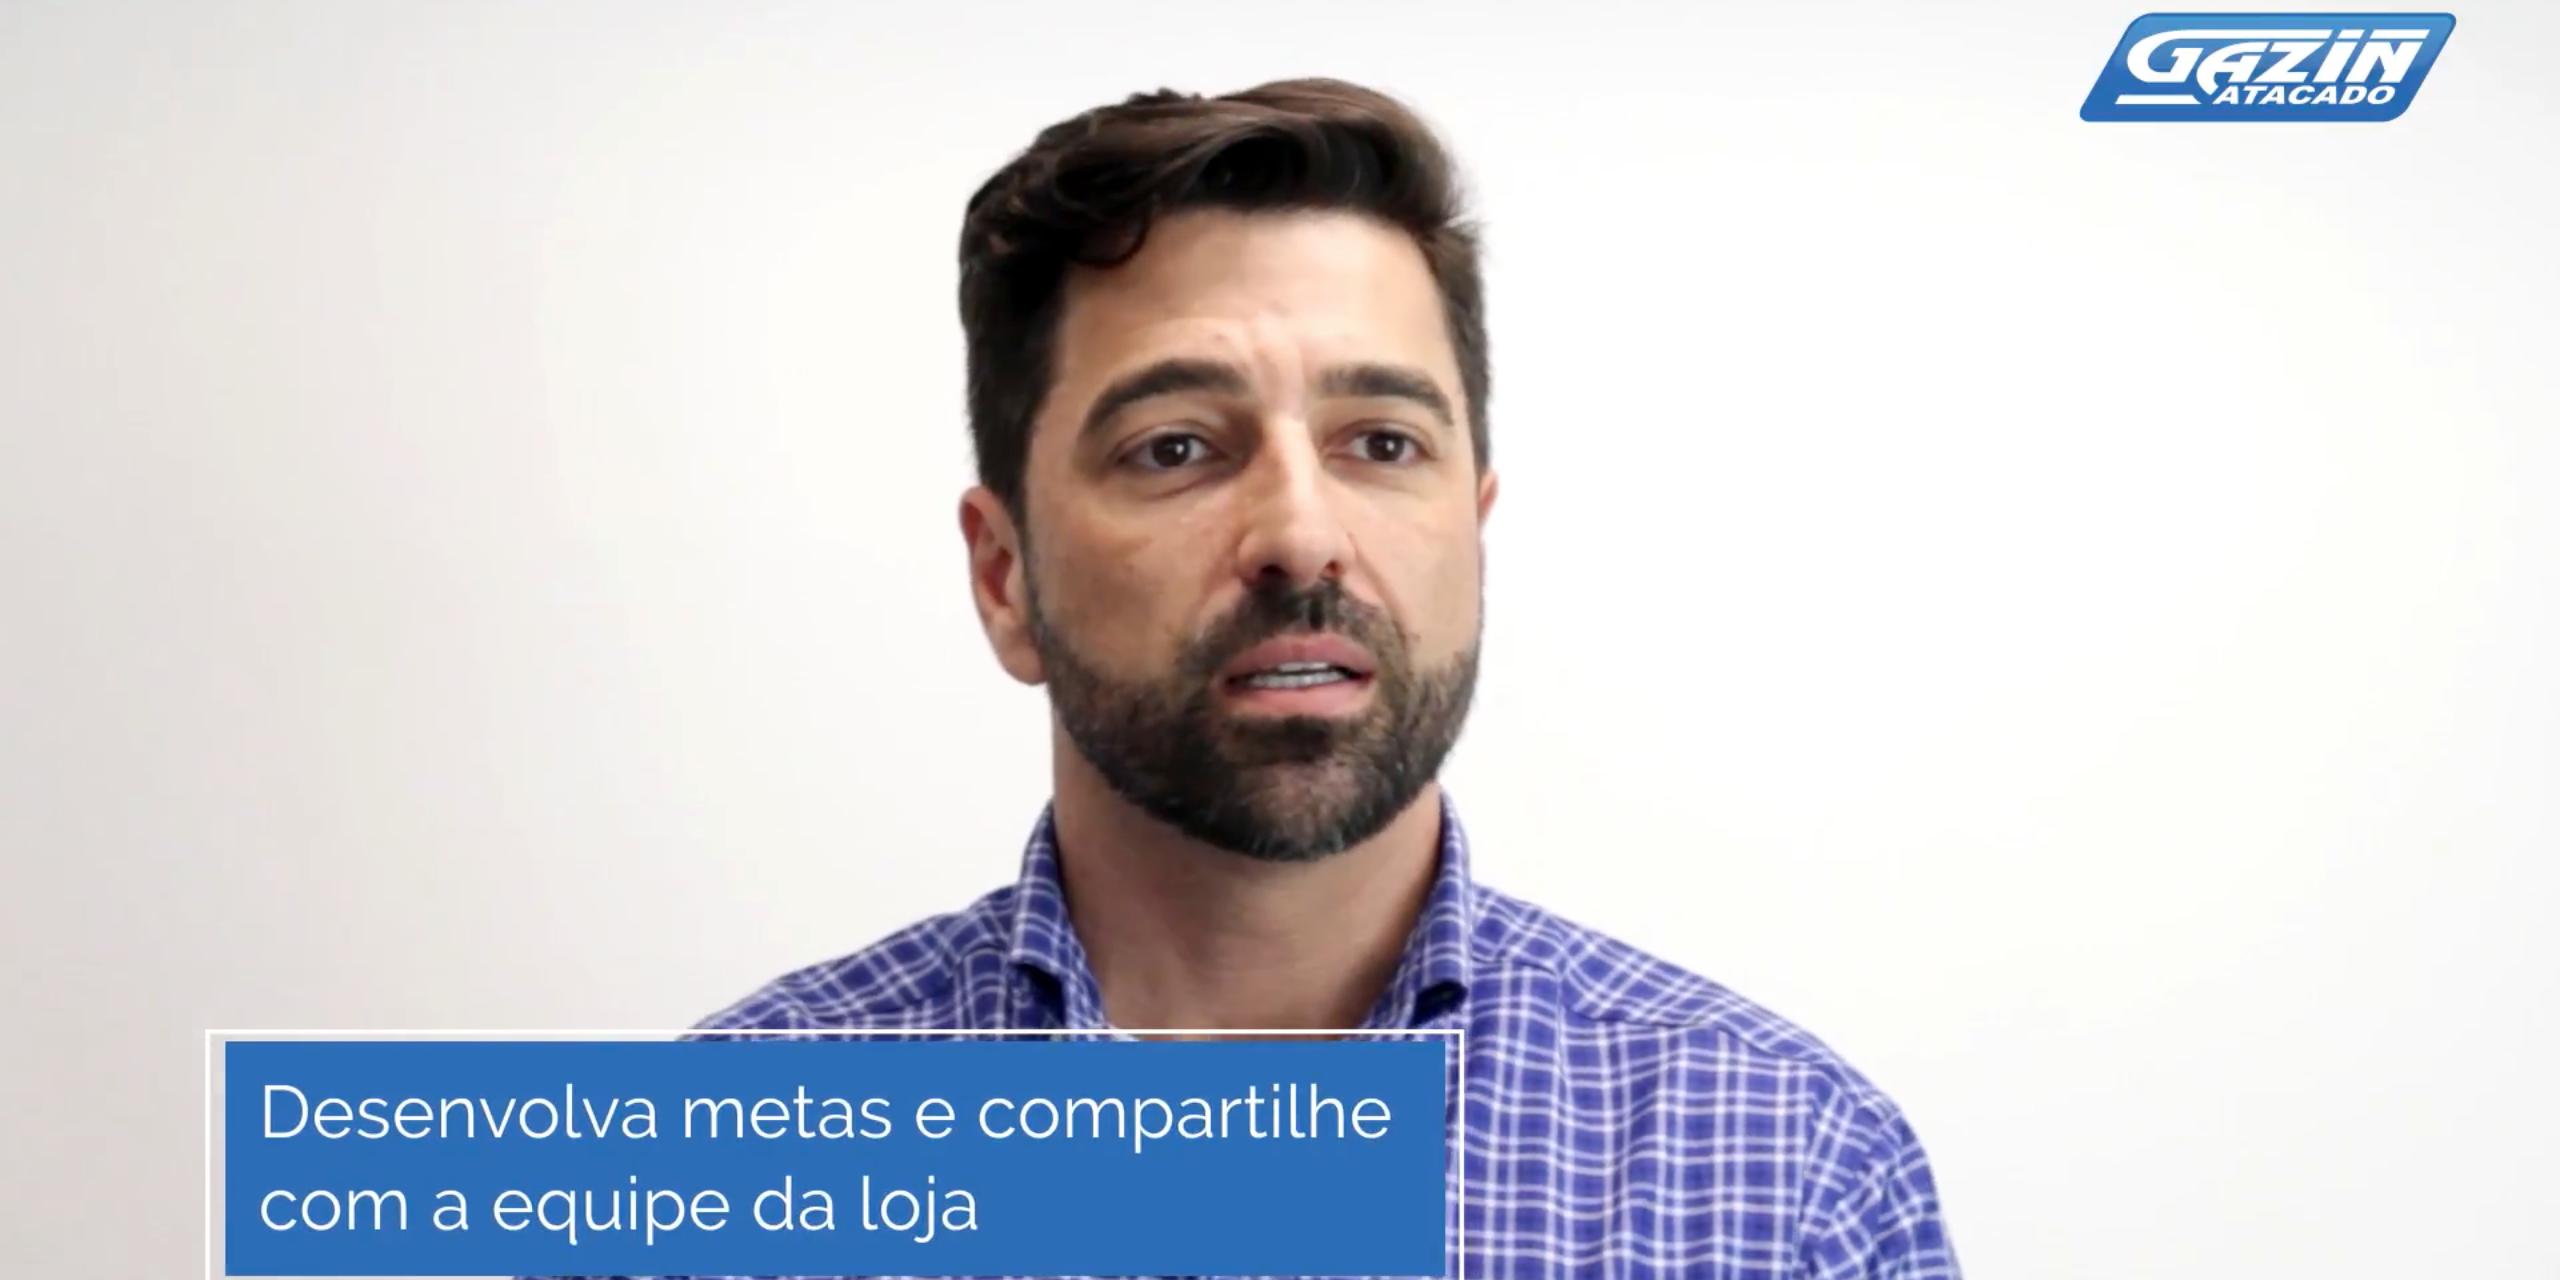 Vídeo: A relação entre o planejamento e uma empresa premiada